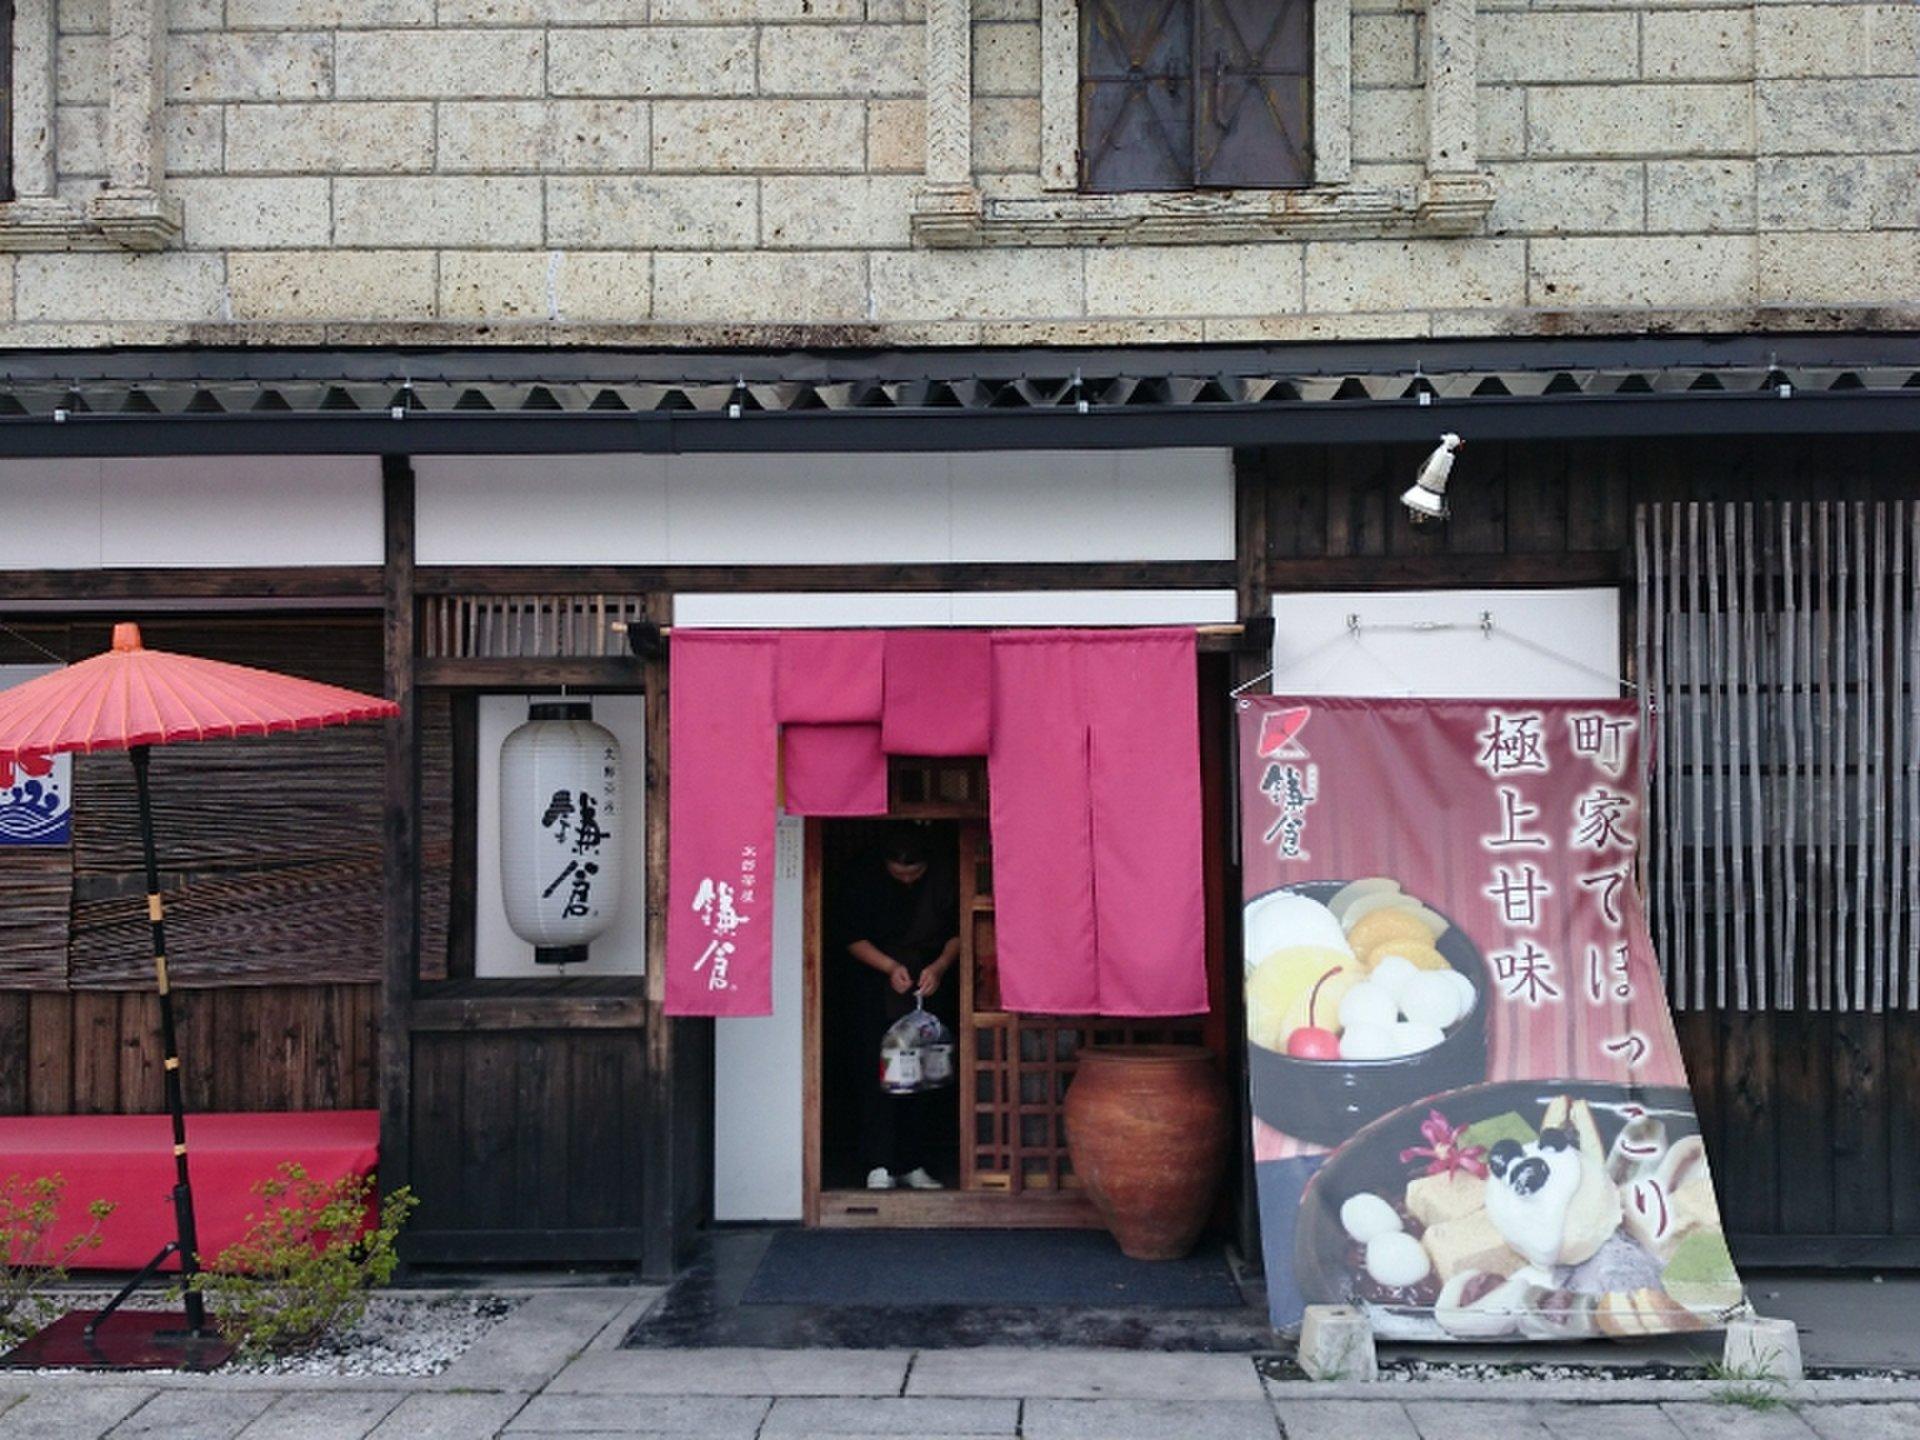 わらび餅がおいしい!宇都宮上三川IC近くにある「太郎茶屋 鎌倉」さんで手土産を♪